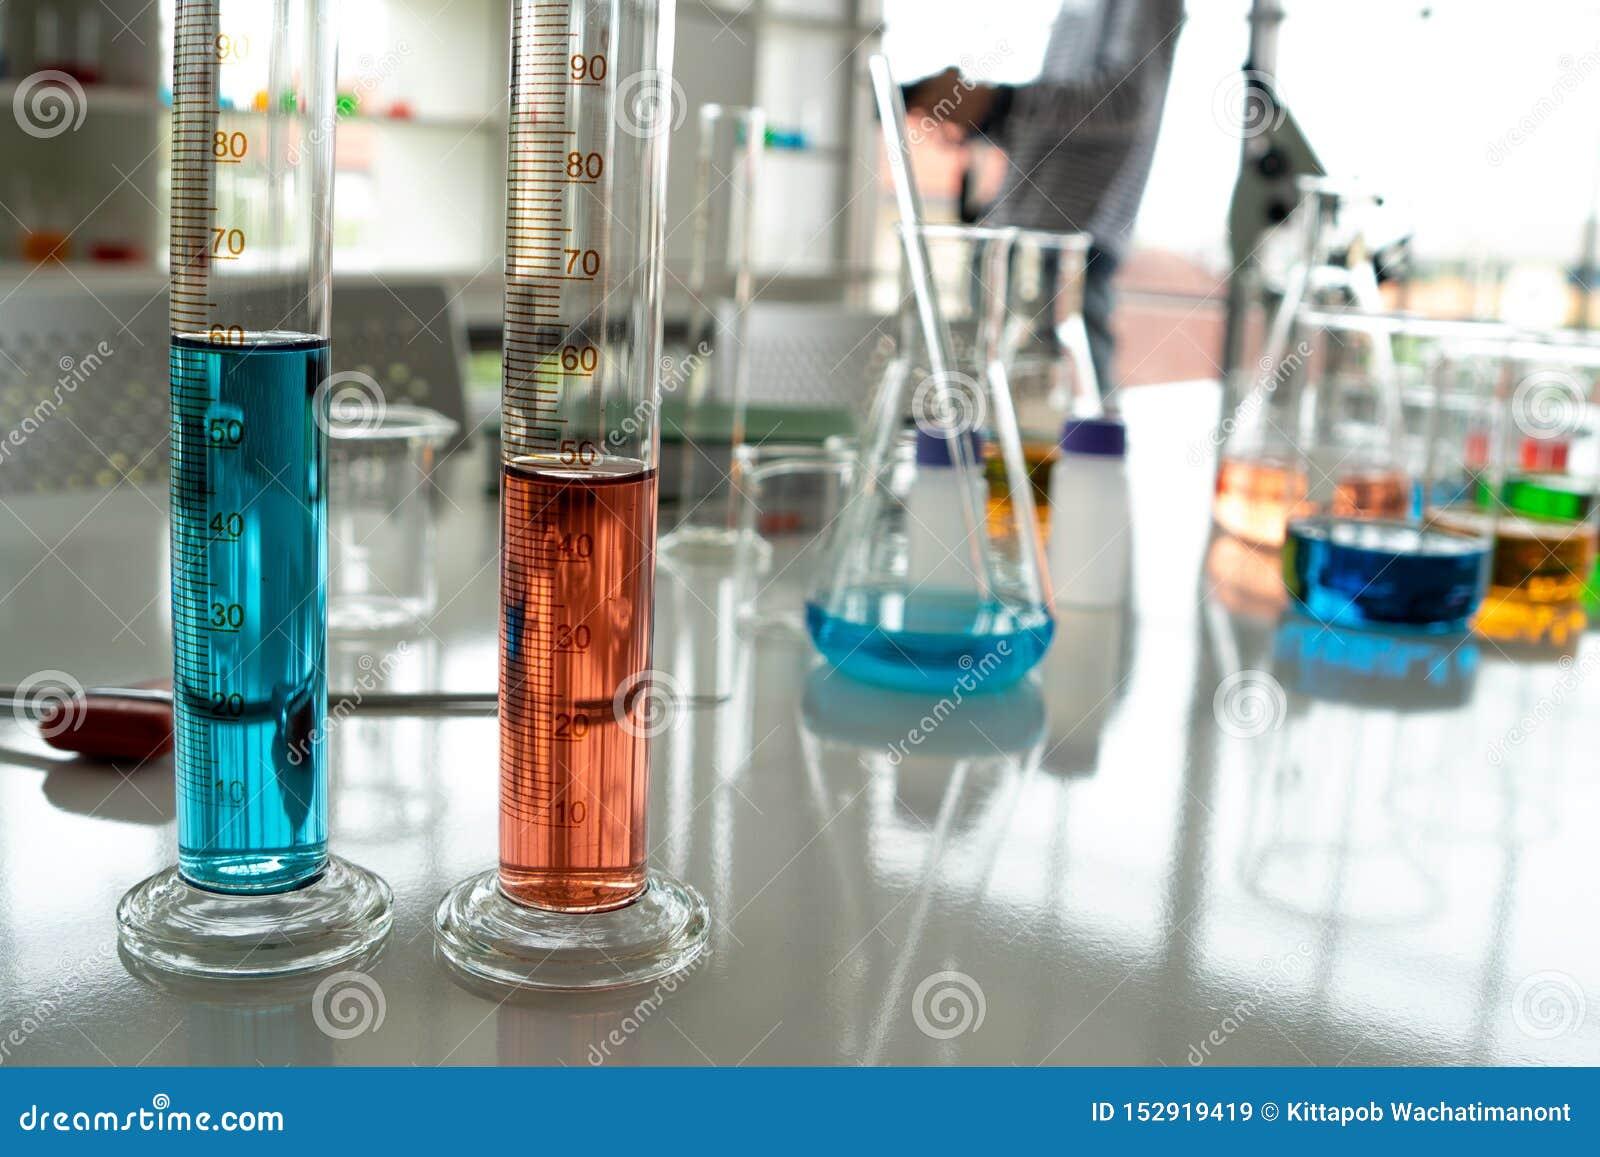 Tubos de cristal, muchos tubos de ensayo en el laboratorio que contienen diversos colores del líquido